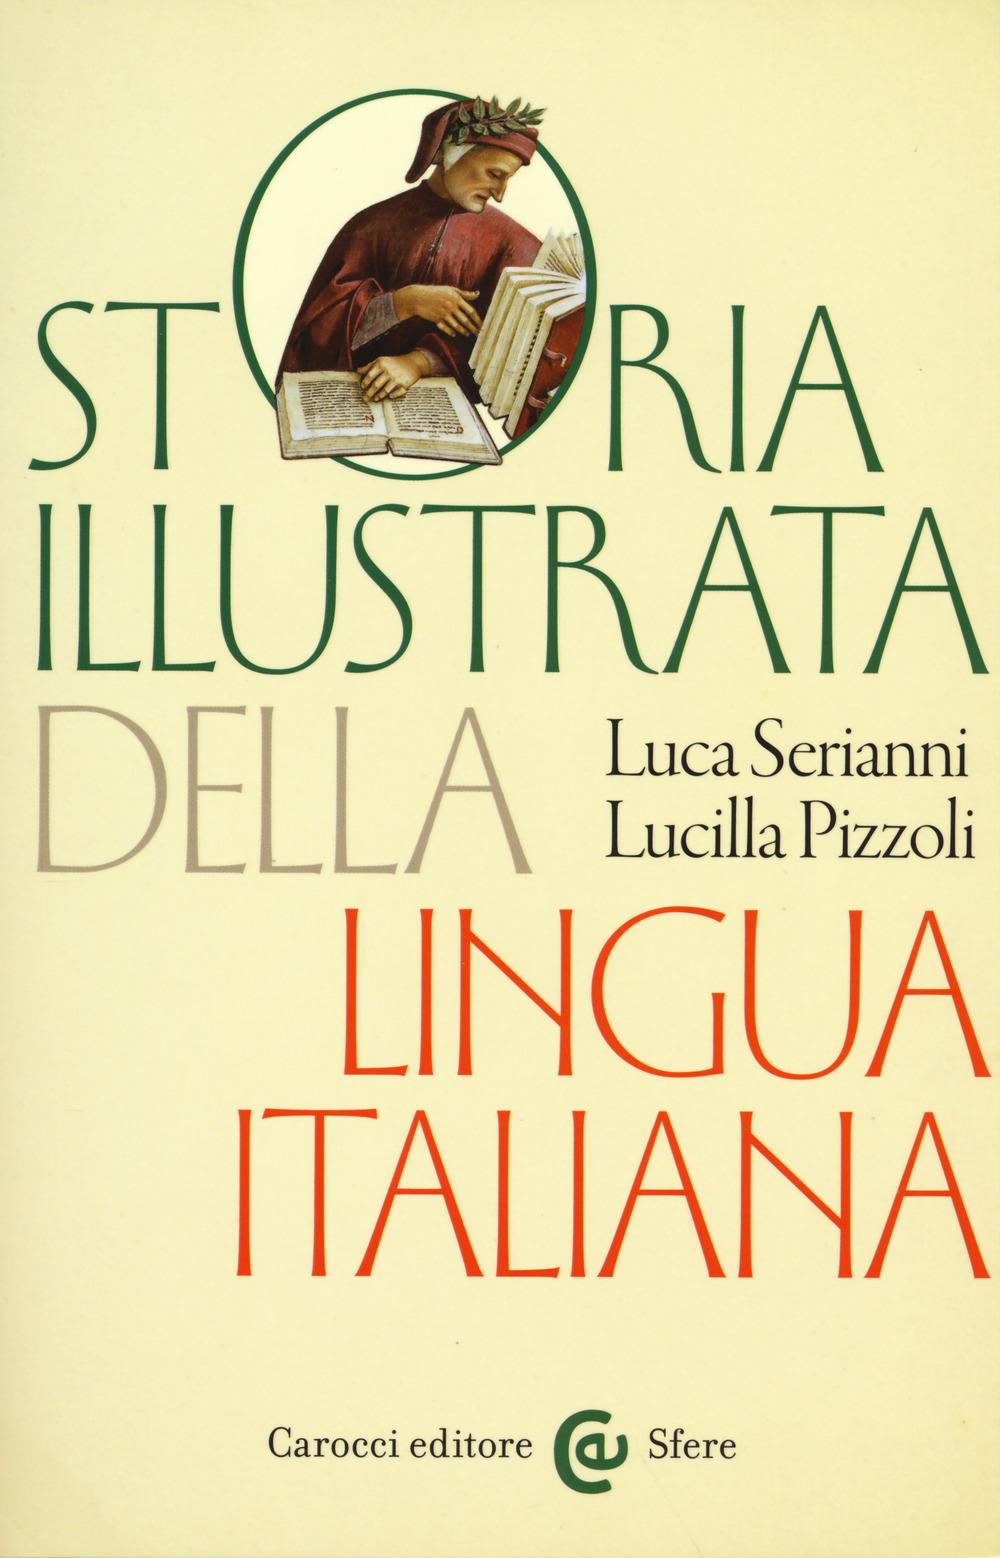 STORIA ILLUSTRATA DELLA LINGUA ITALIANA. EDIZ. A COLORI - 9788843089352